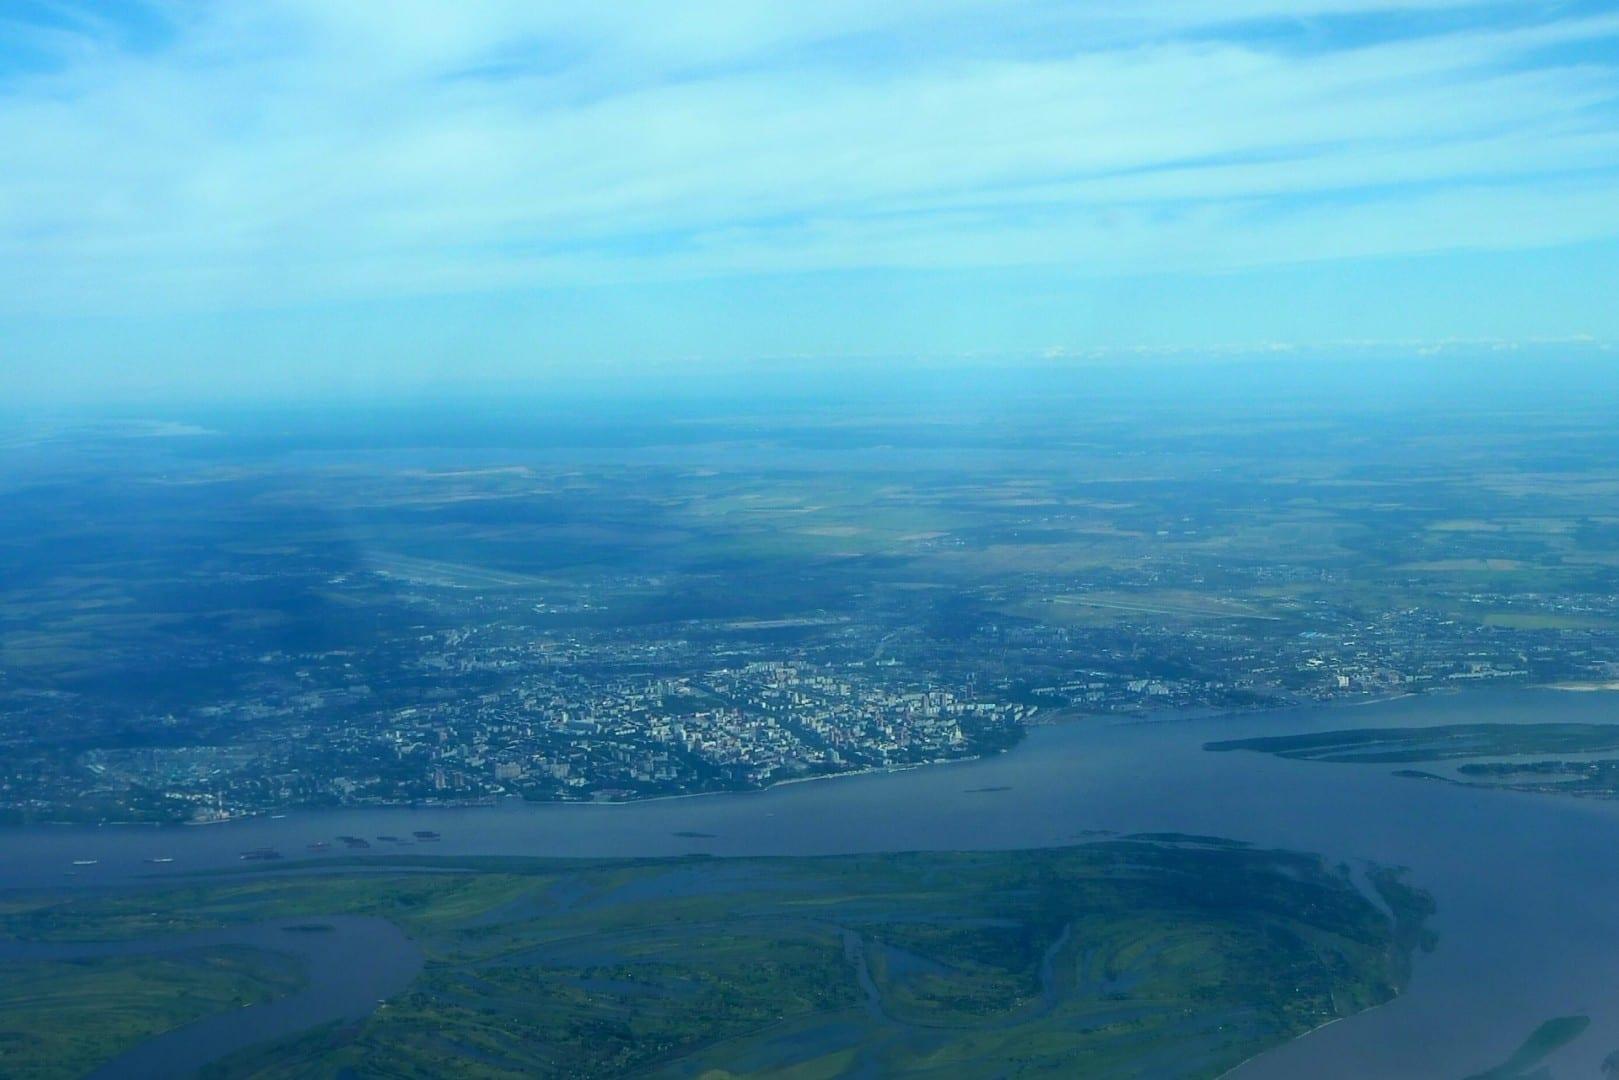 Foto aérea de Khabarovsk, mostrando claramente la confluencia de los ríos Amur y Ussuri. Khabarovsk Rusia